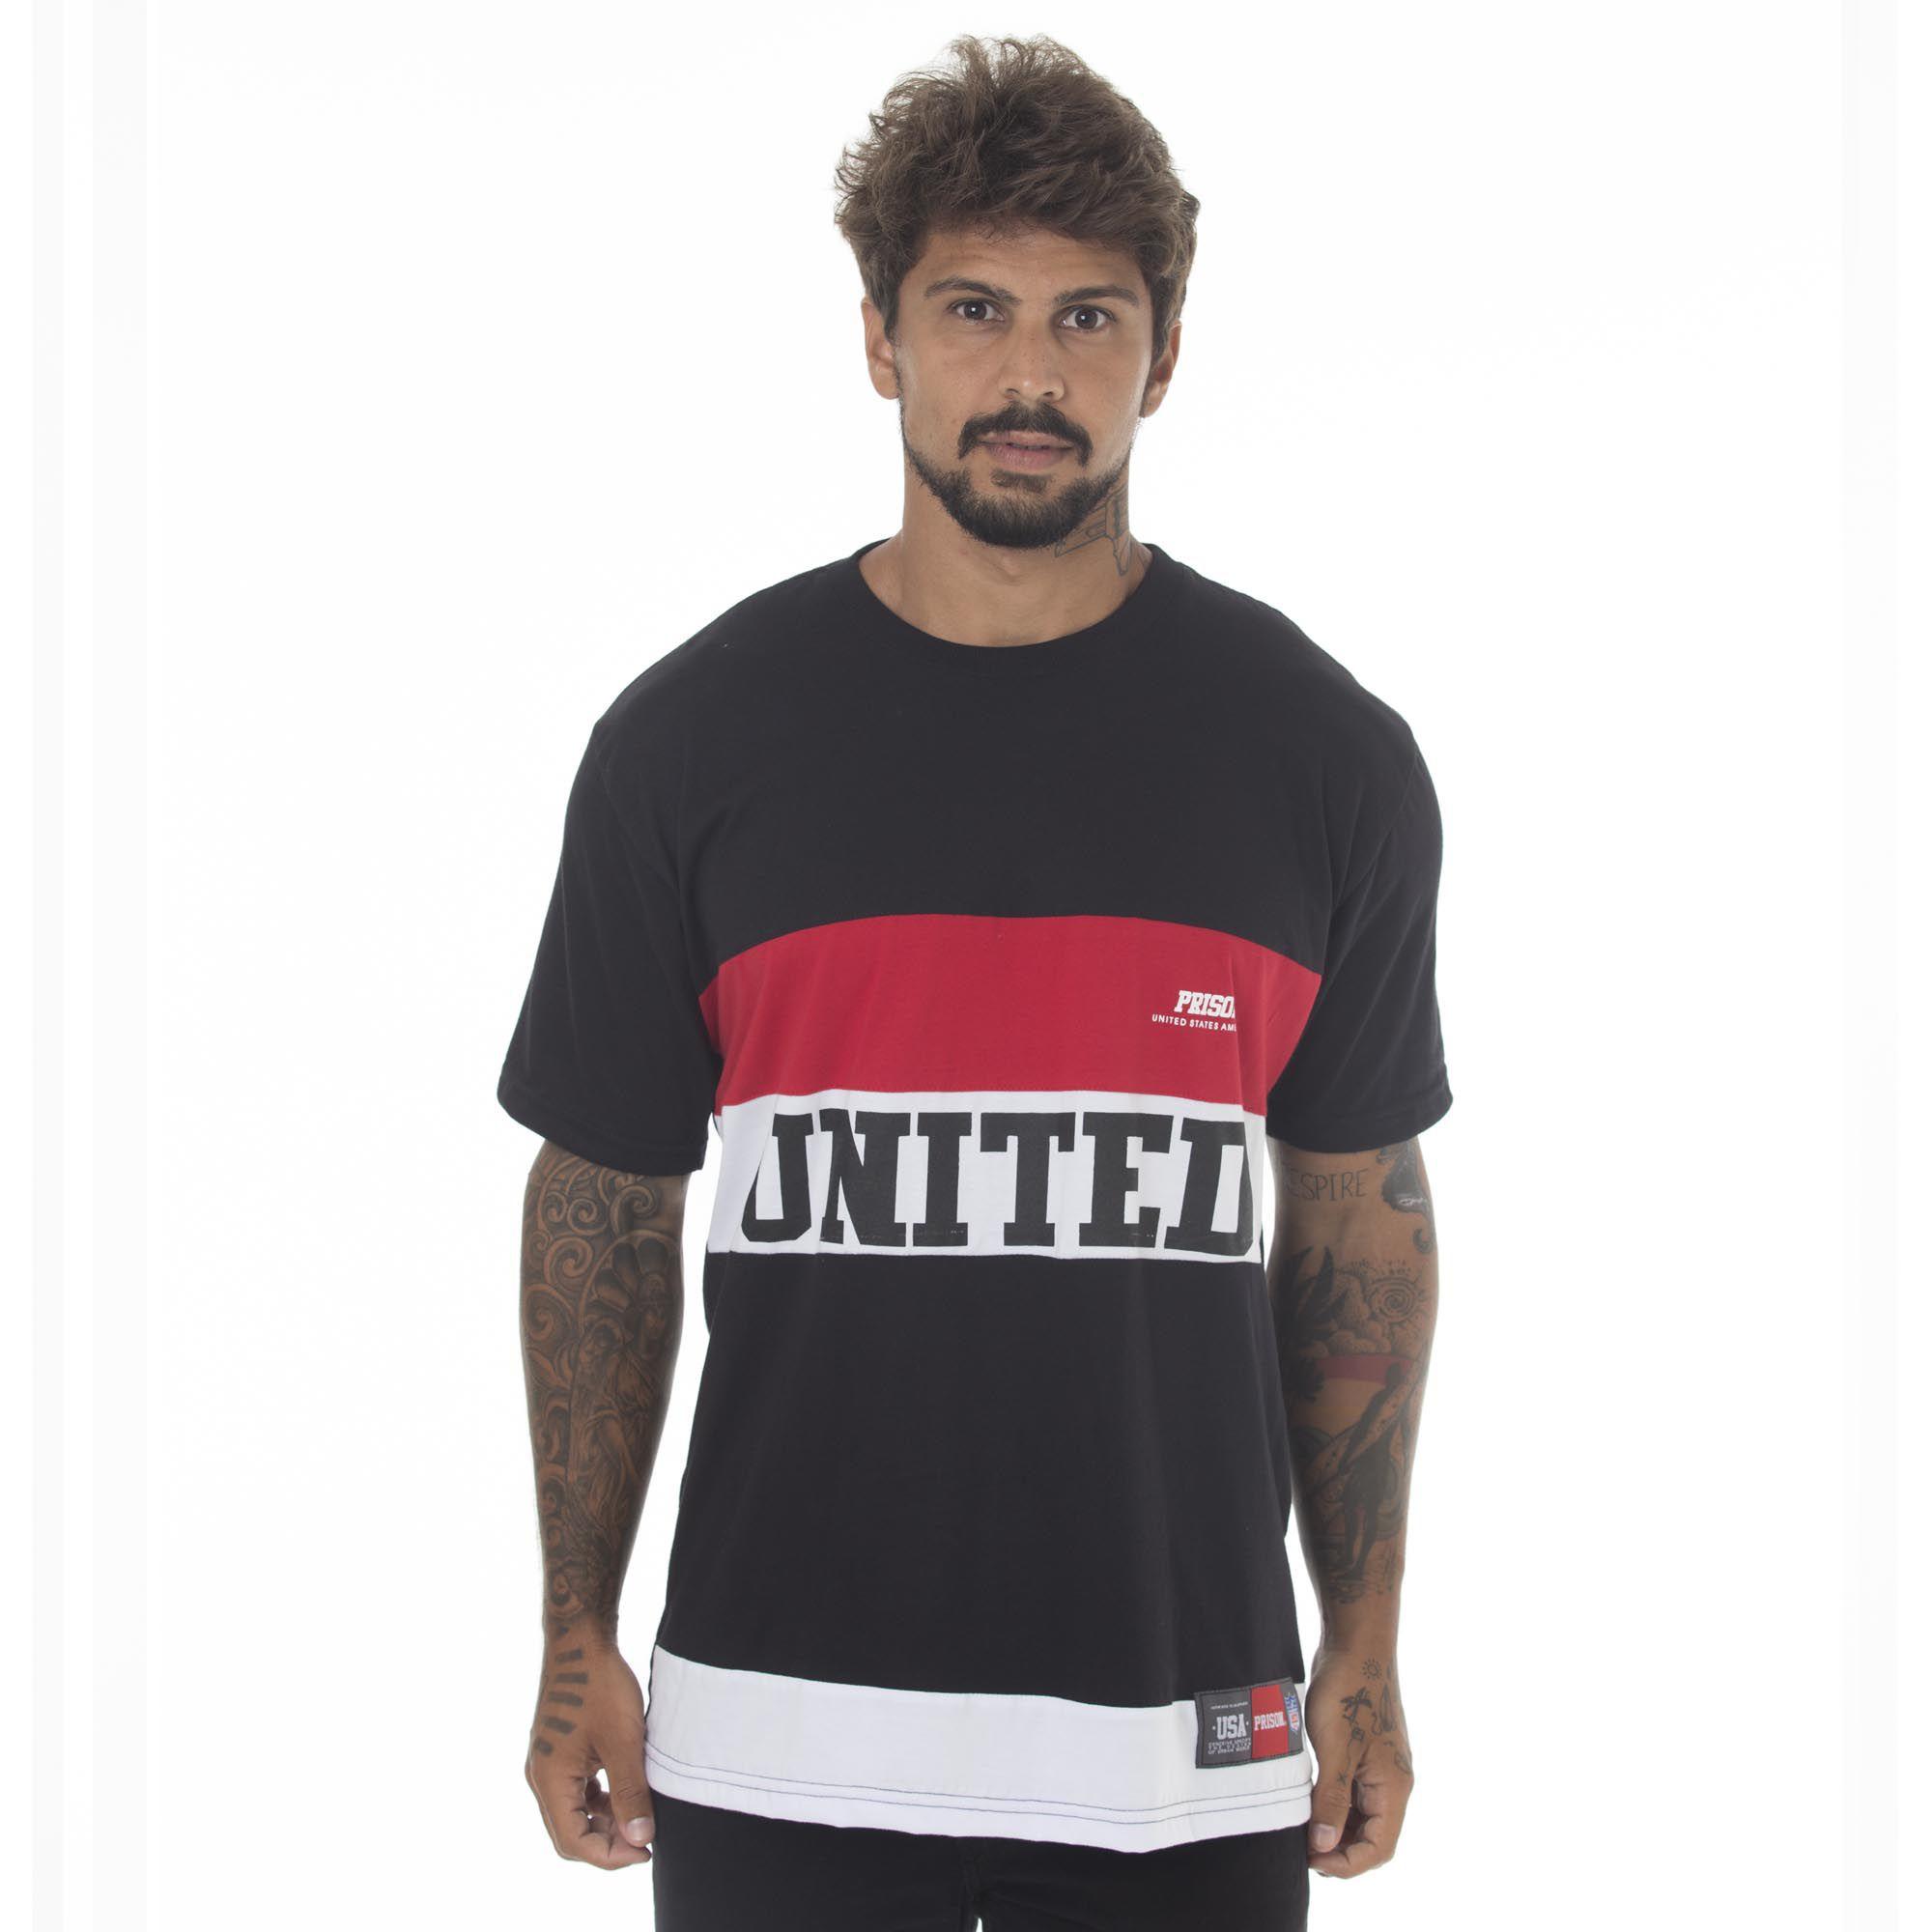 Camiseta Prison United Preta